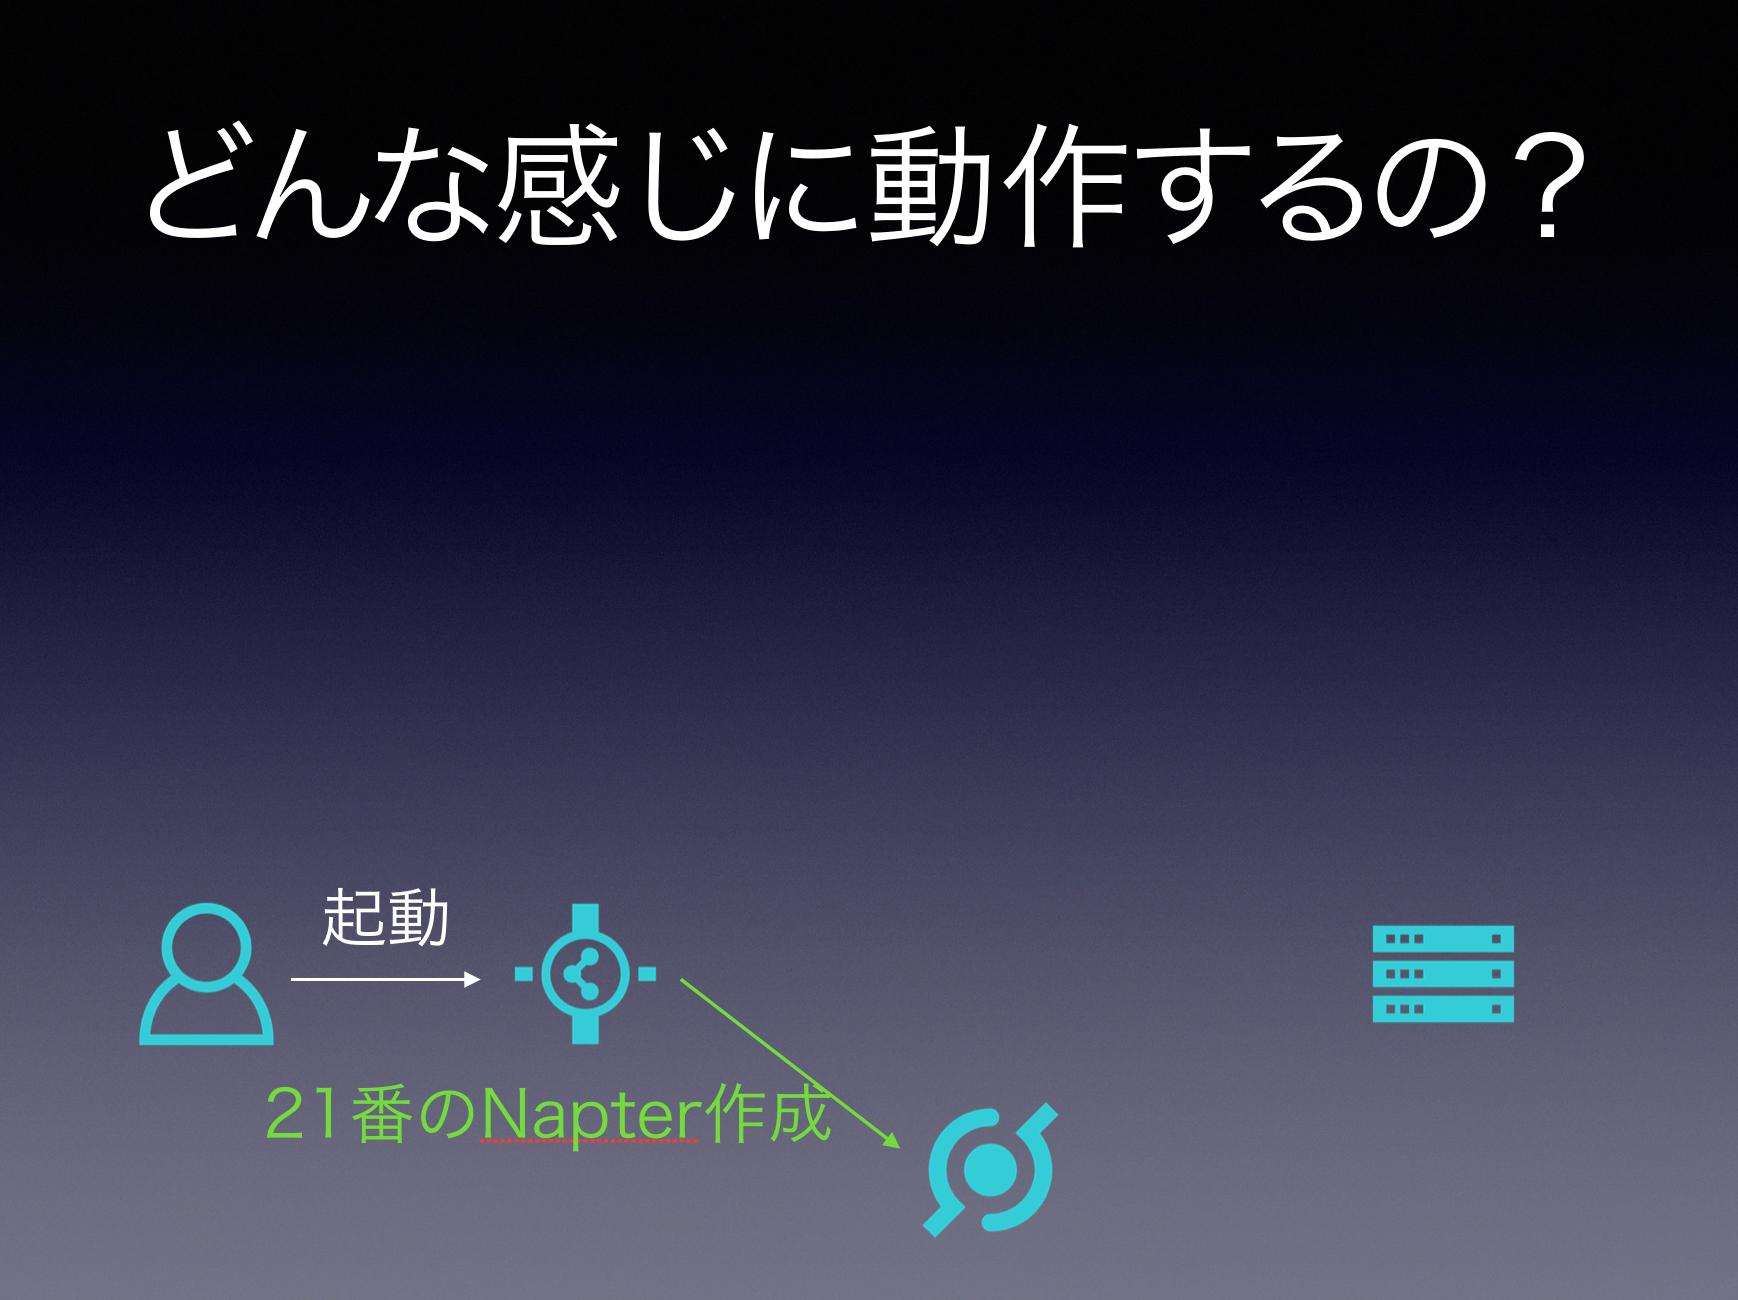 スクリーンショット 2019-12-07 22.31.24.png